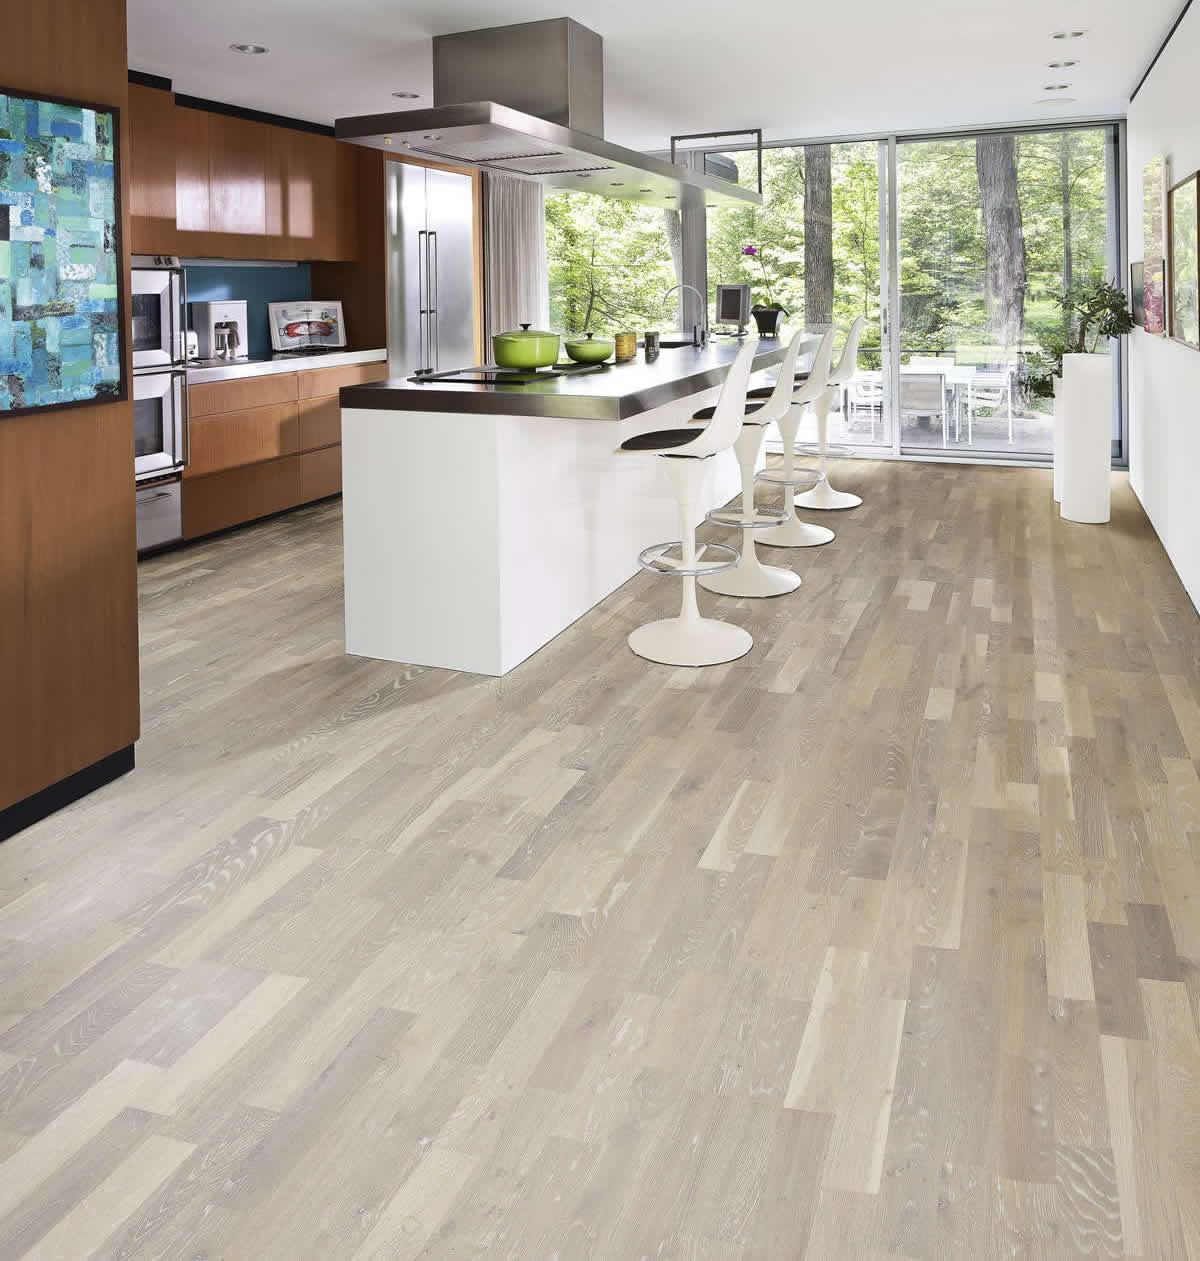 kahrs oak limestone engineered wood flooring - Kahrs Flooring